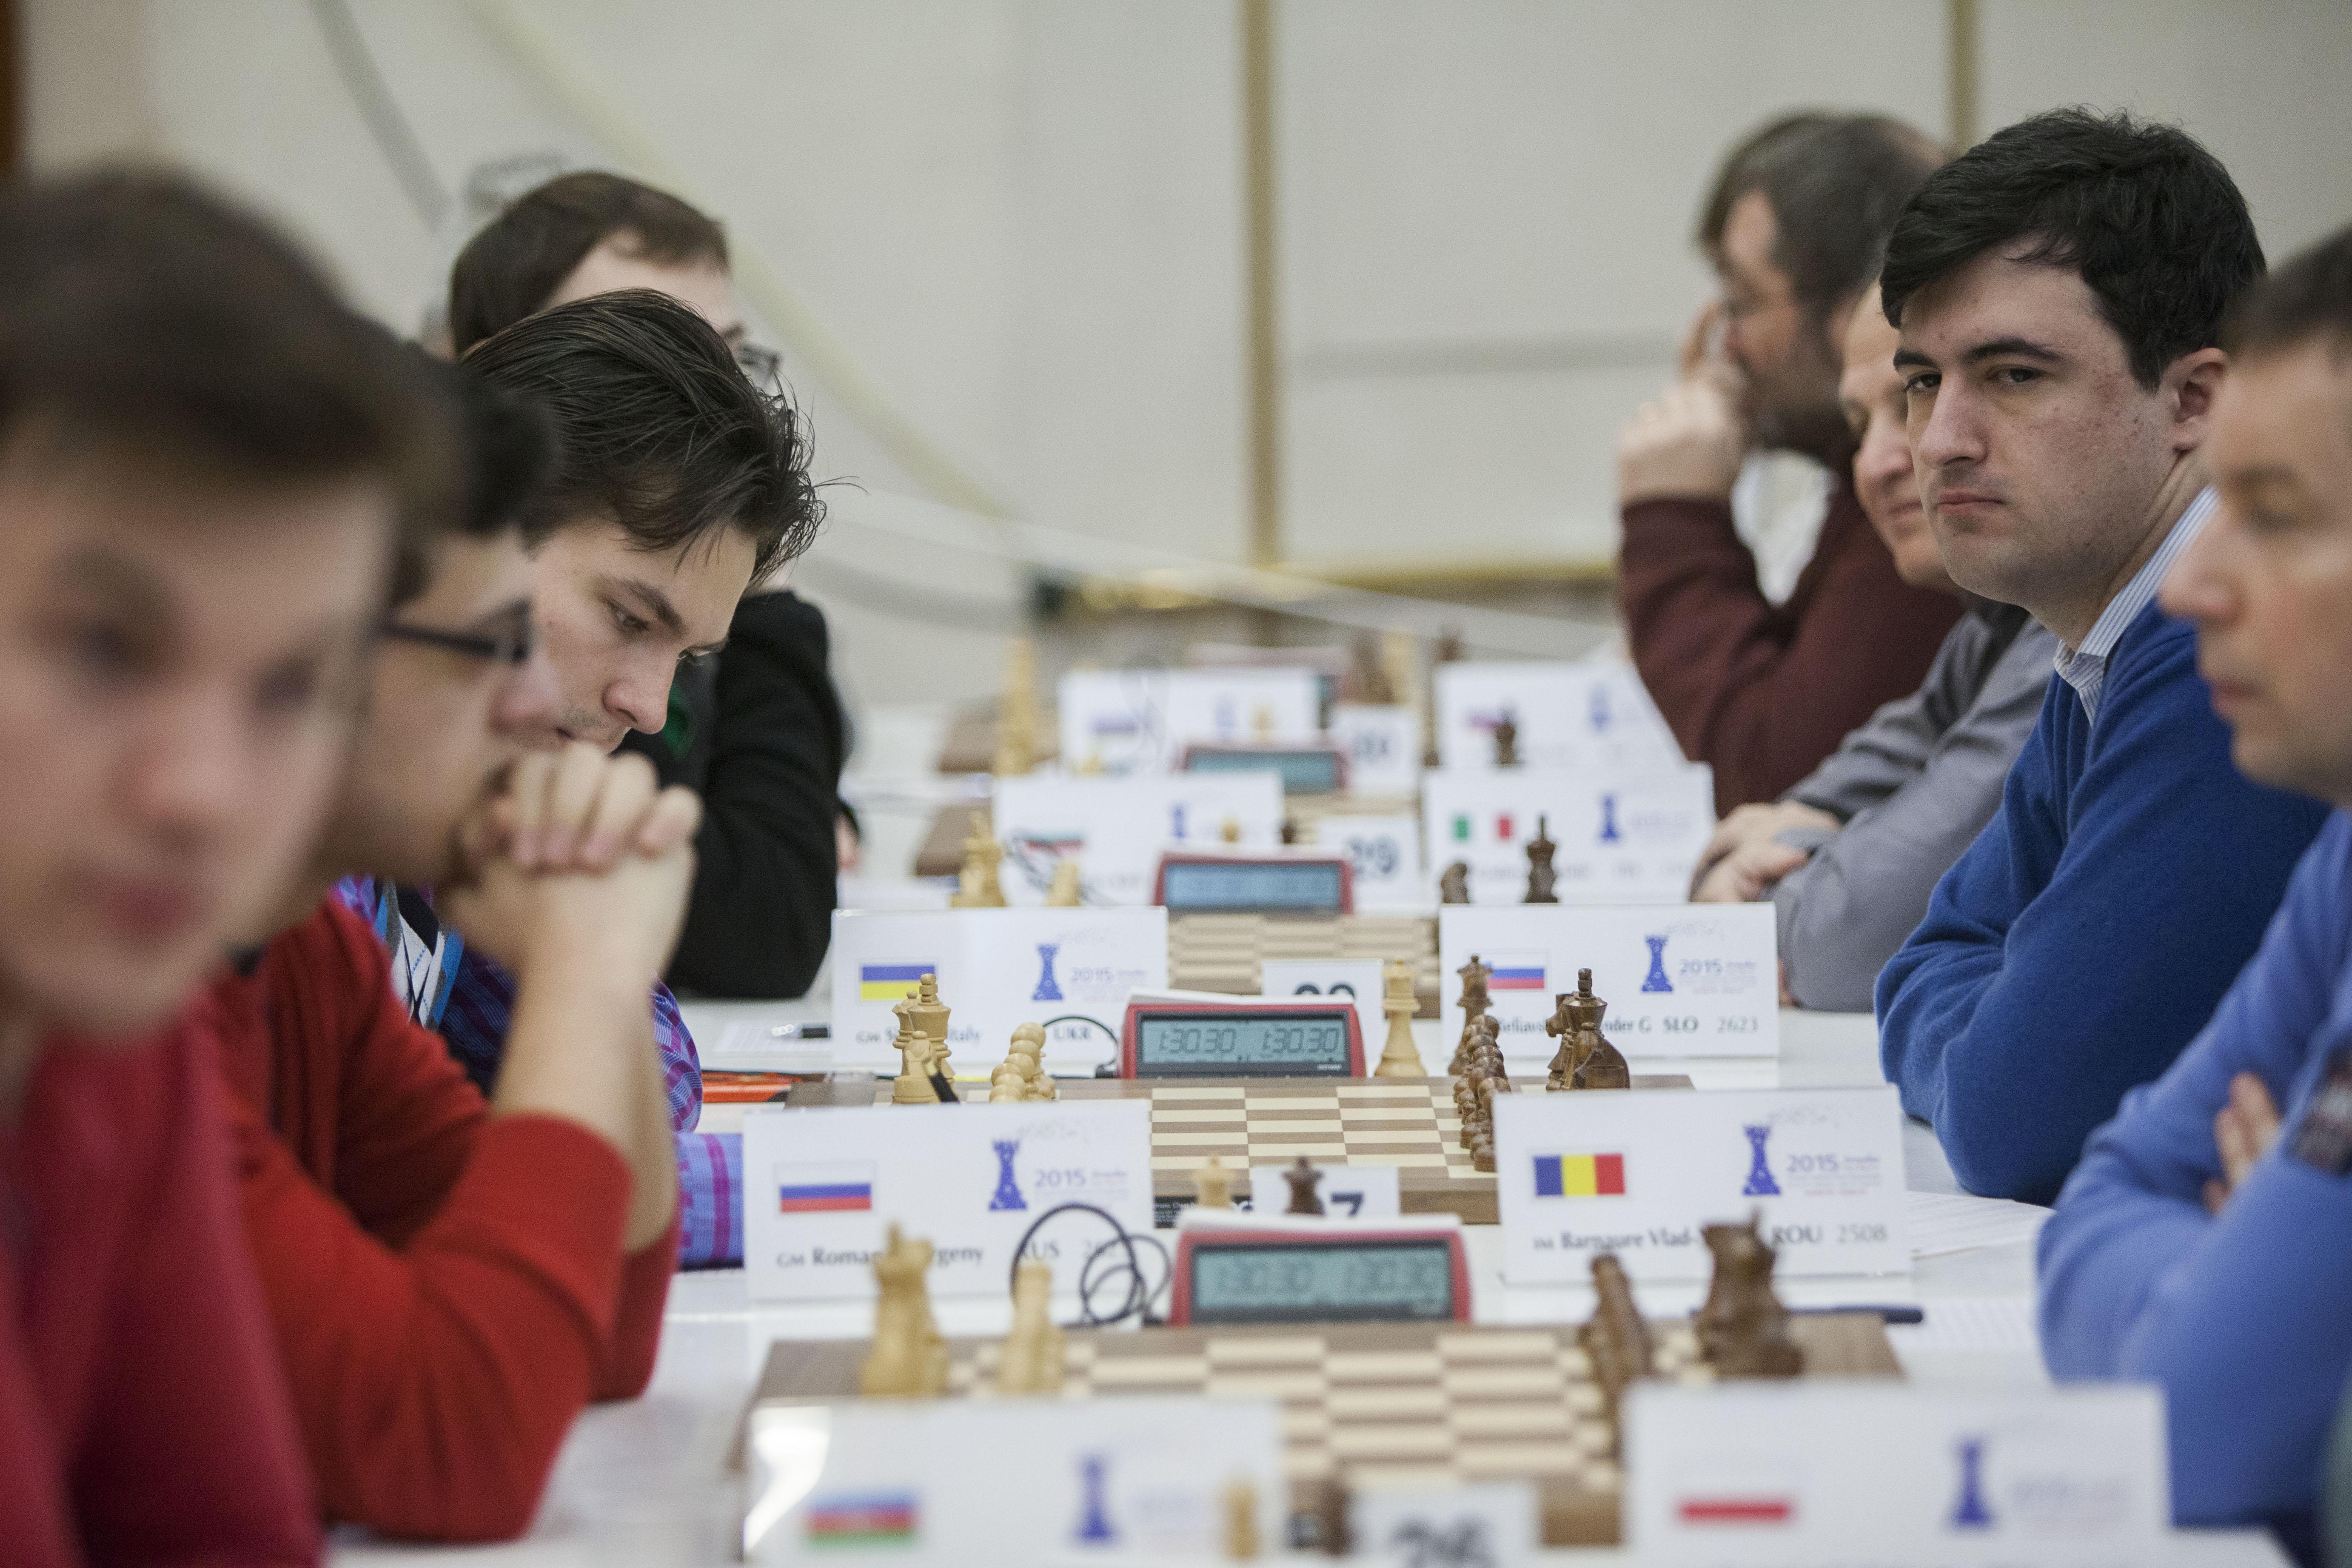 Privés de visas par l'Arabie saoudite, les joueurs d'échec israéliens s'insurgent